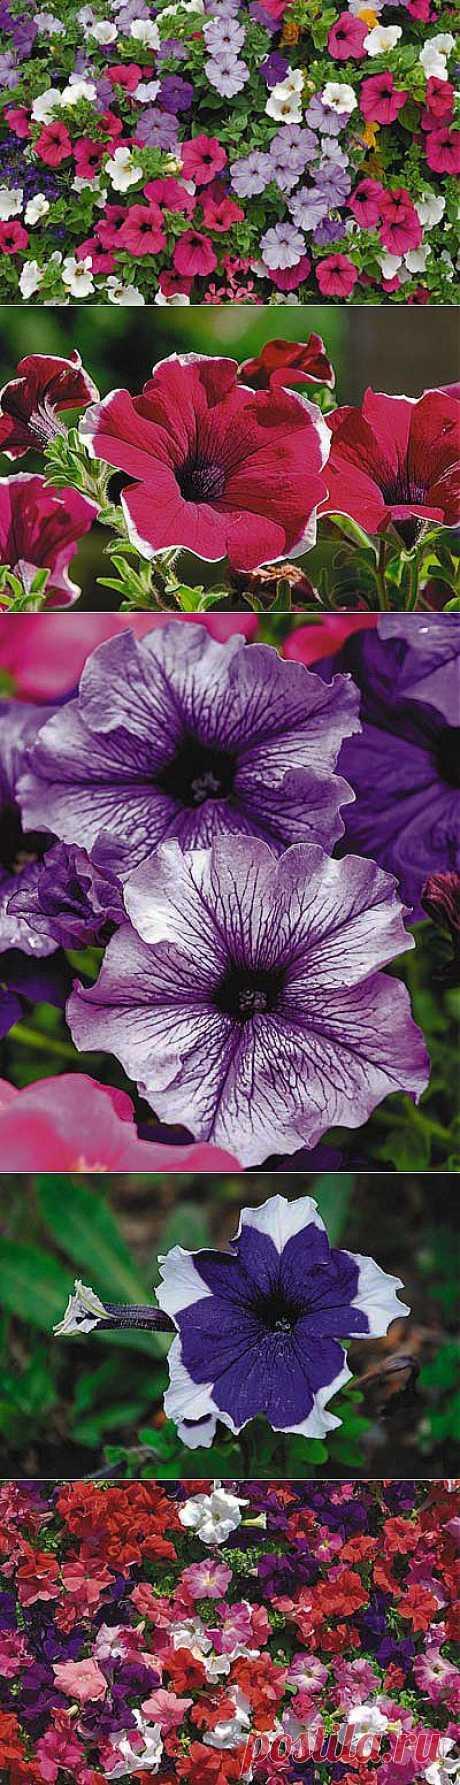 Вербена и петуния — разноцветные красавицы.Петуния хороша всем — и пышными яркими цветками самых разных оттенков, и долгим цветением, и неприхотливостью. Но не каждый любитель сумеет с первого раза украсить ею участок, а причина тому — относительная сложность выращивания рассады.Чтобы петуния стала здоровой и красивой, рассаду надо регулярно, но не очень обильно поливать.Первое время рассада петунии растет медленно — у нее формируется мощная корневая система.